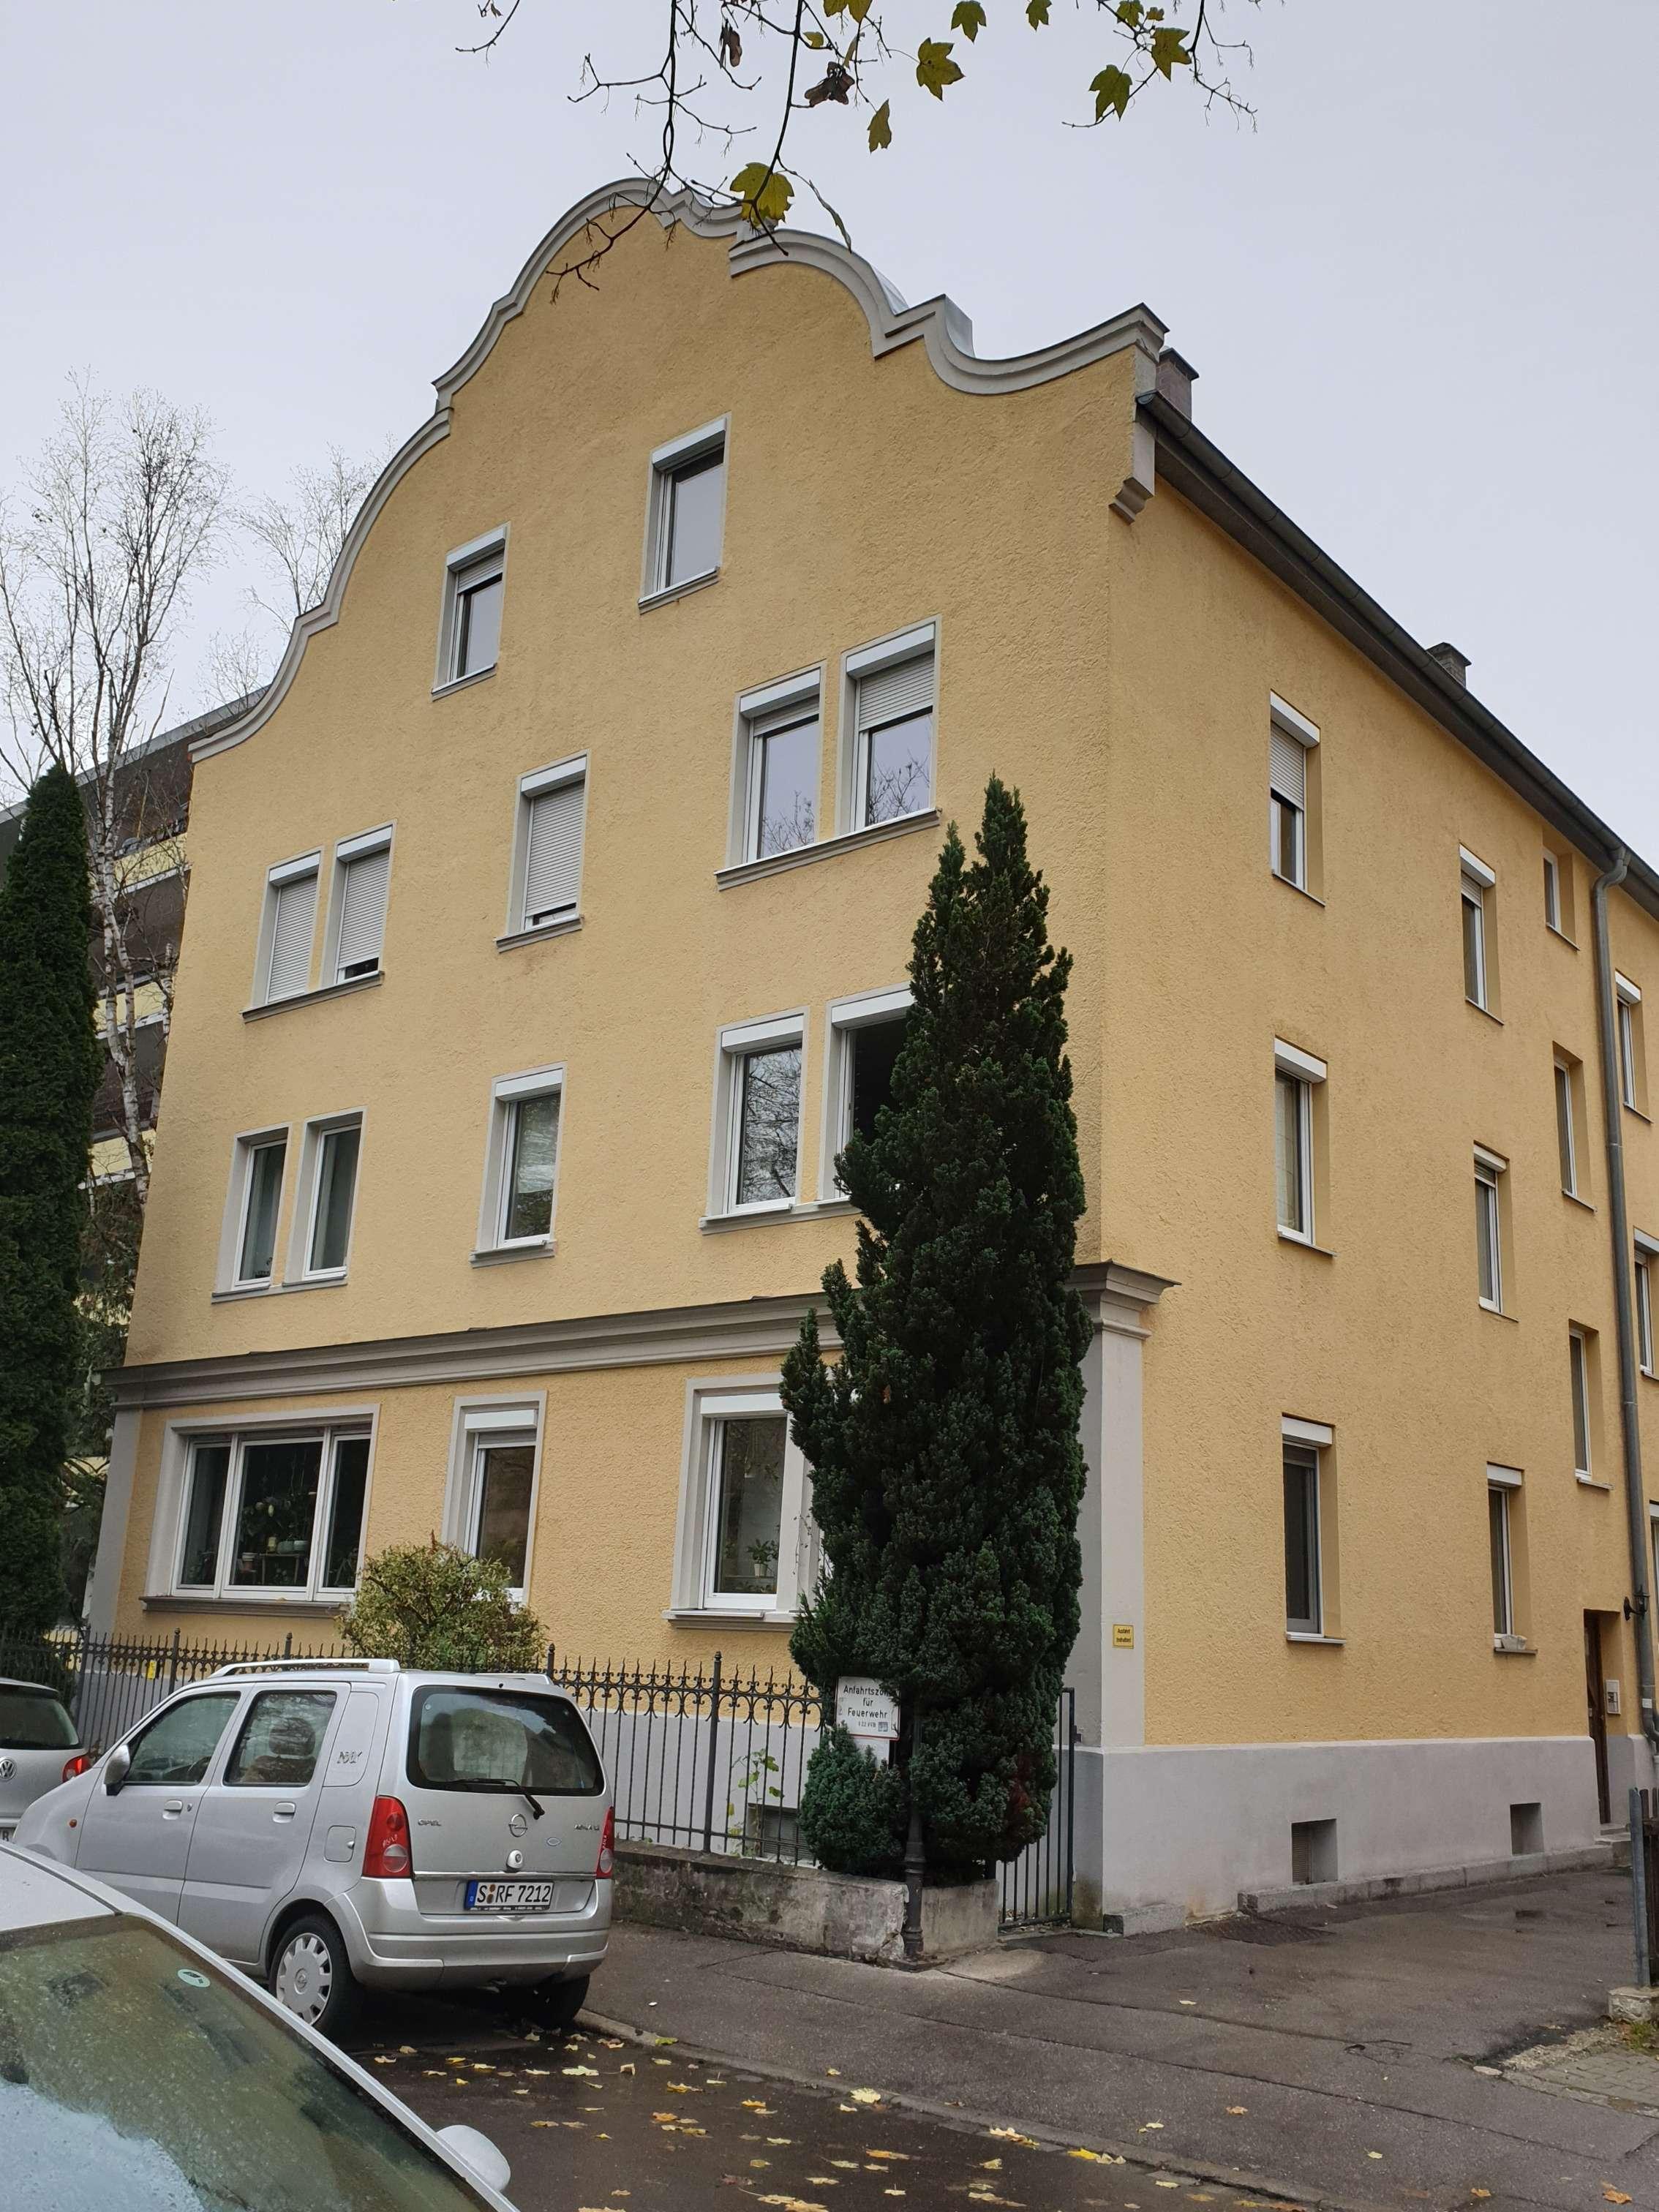 Helle, neu renovierte 3-Zimmer-Altbauwohnung in Augsburg-Innenstadt